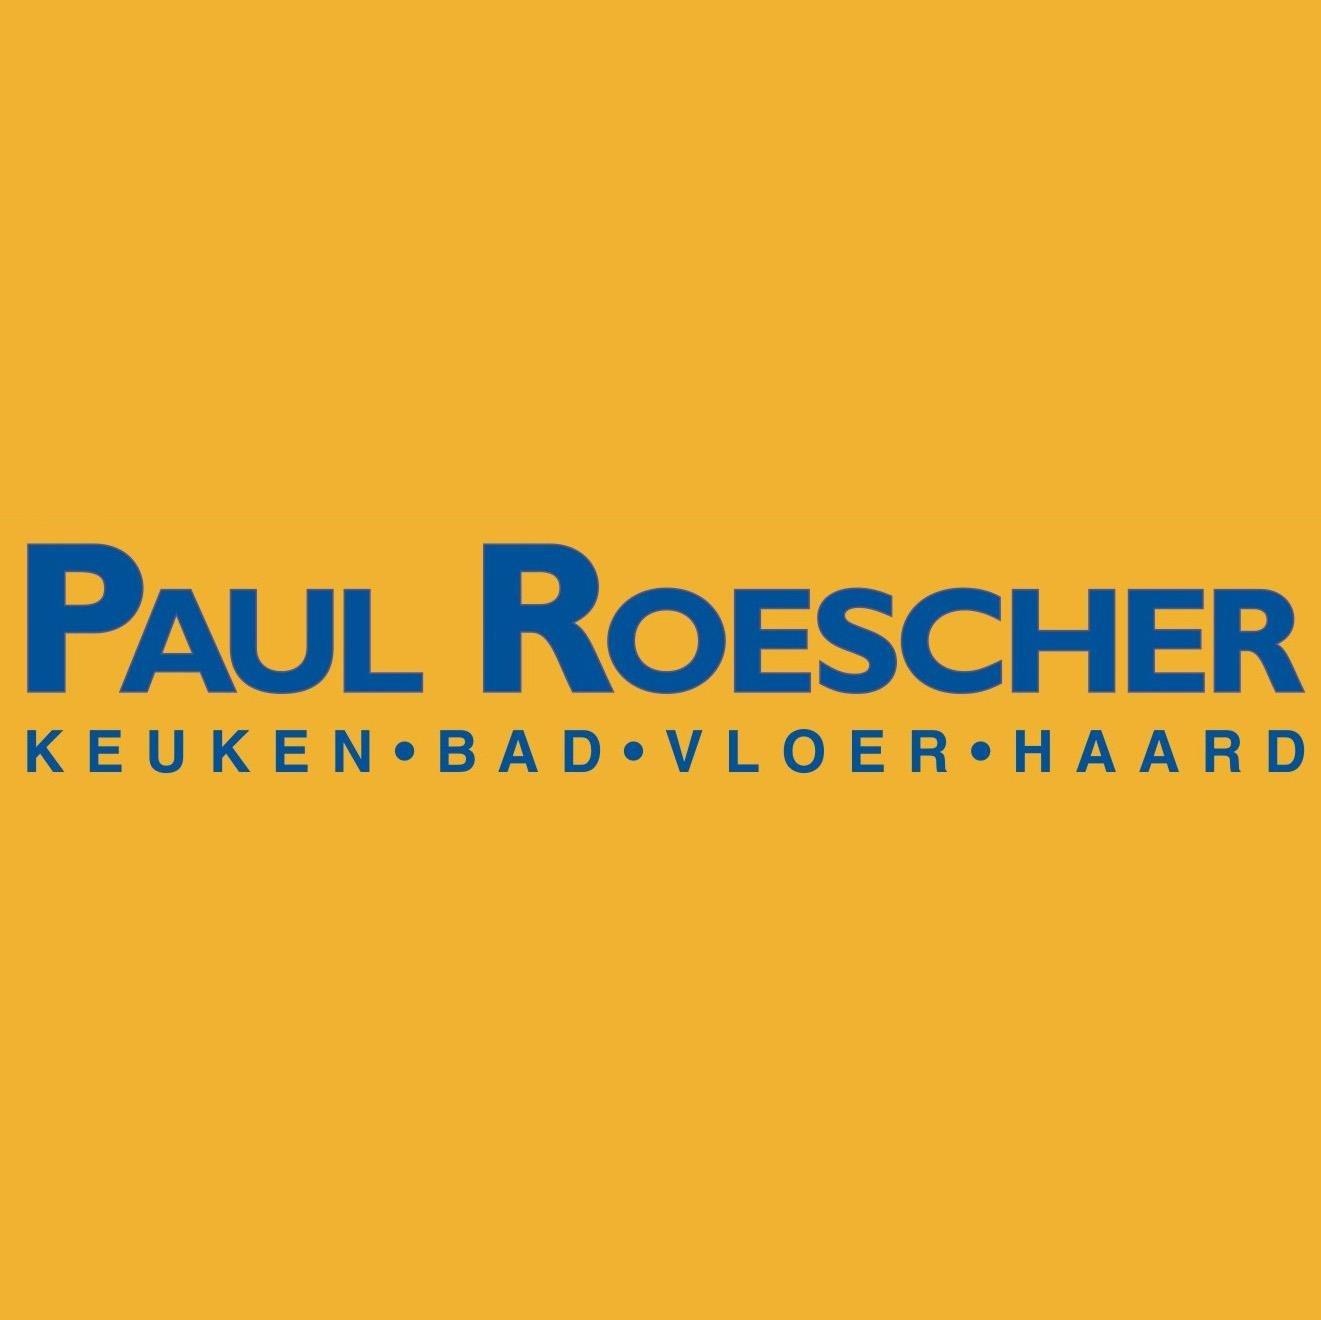 Paul Roescher (@PaulRoescher) | Twitter